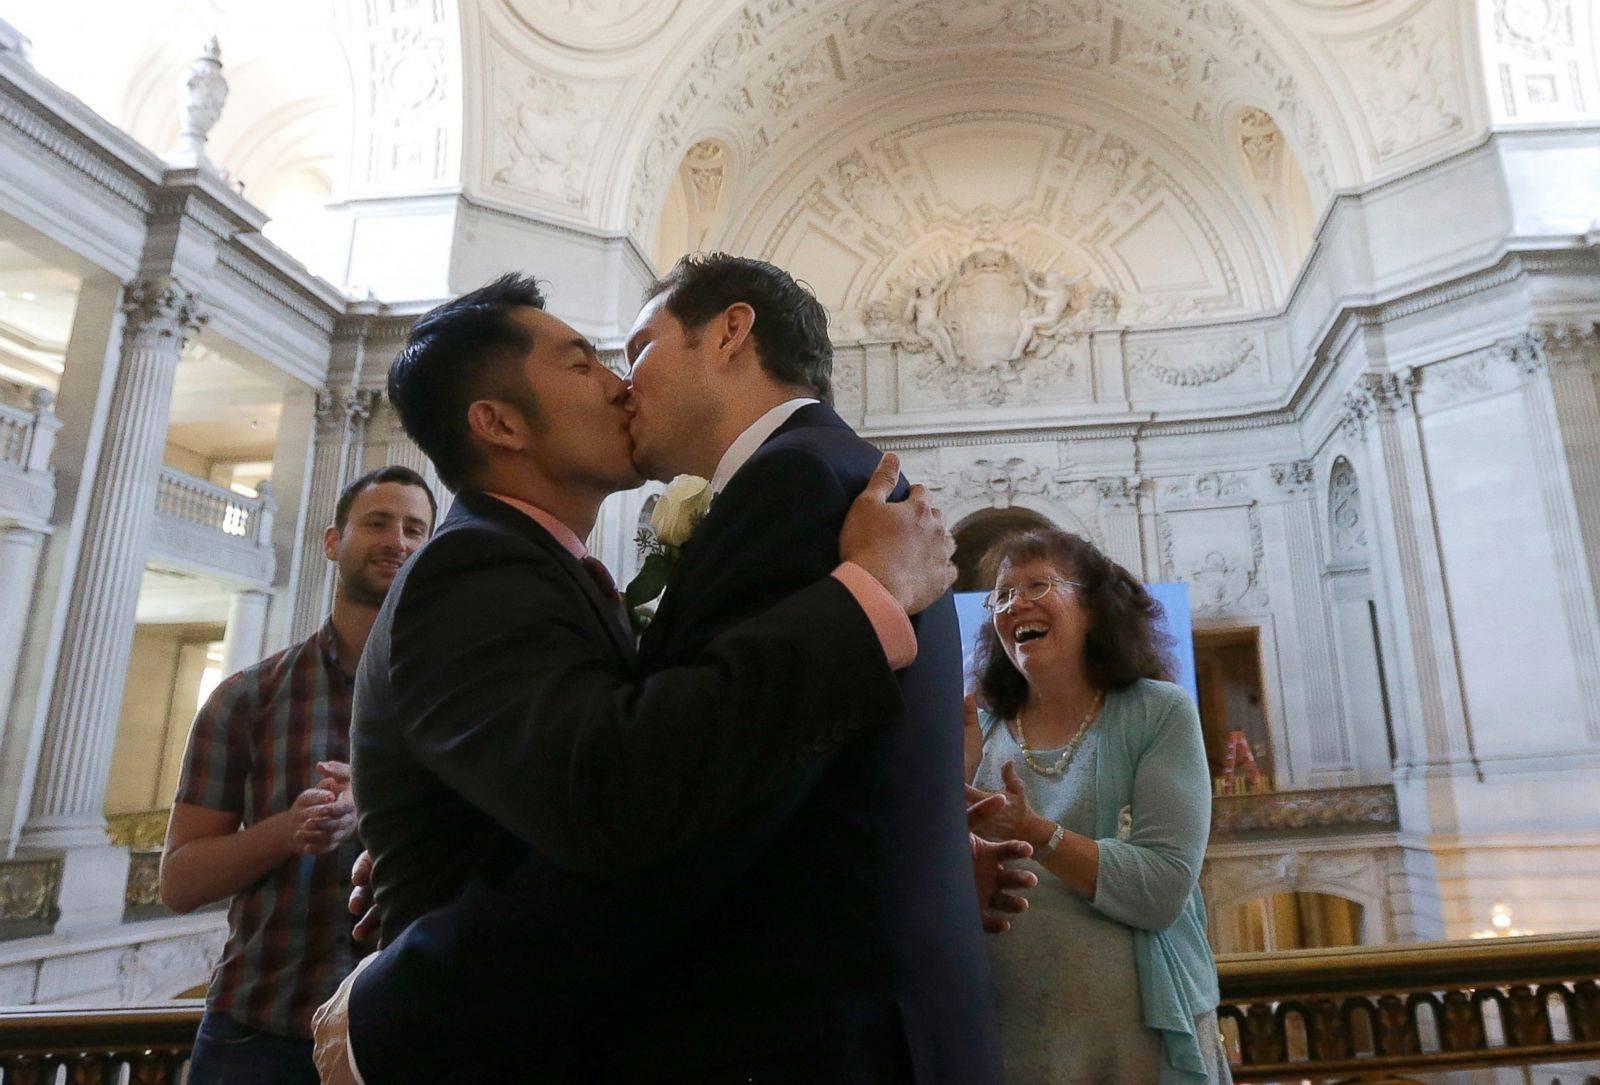 Легализация брака в израиле — ступро